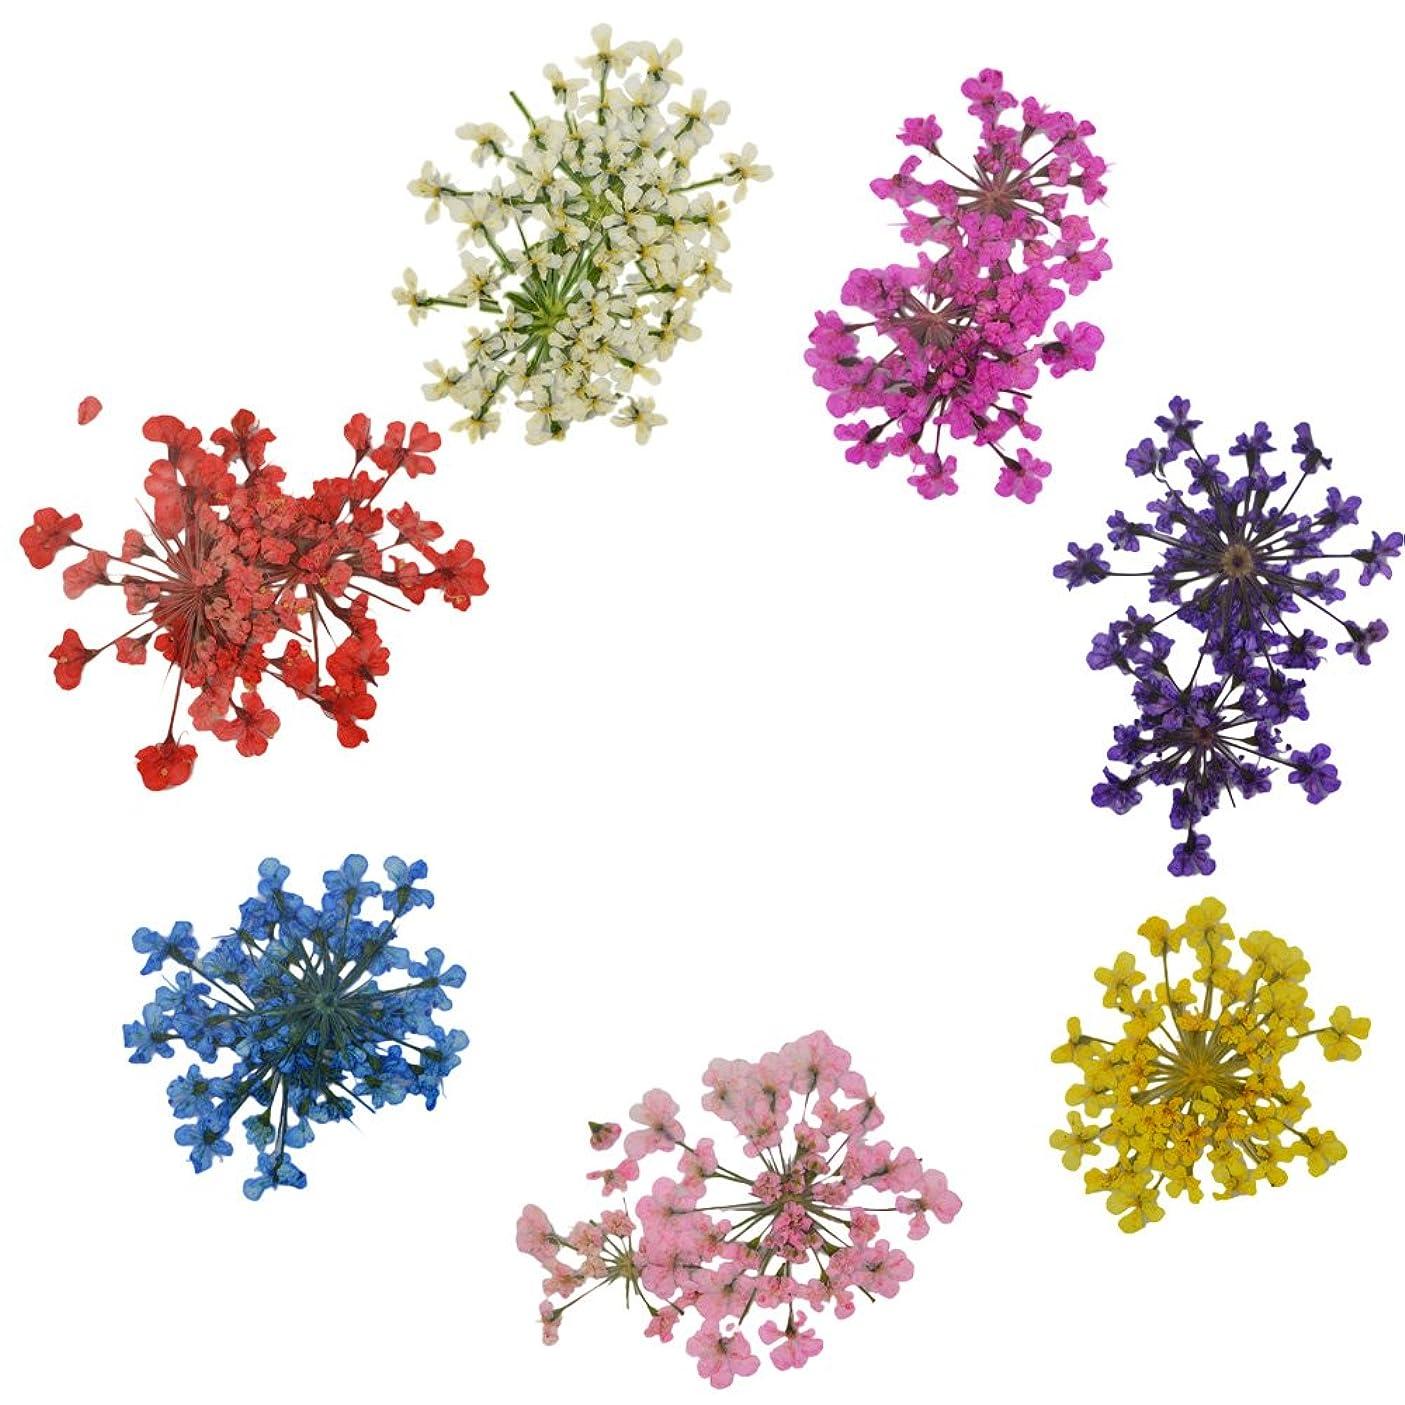 前者出します犯人押し花7色セット 小さい花弁のドライフラワーで可愛いです。